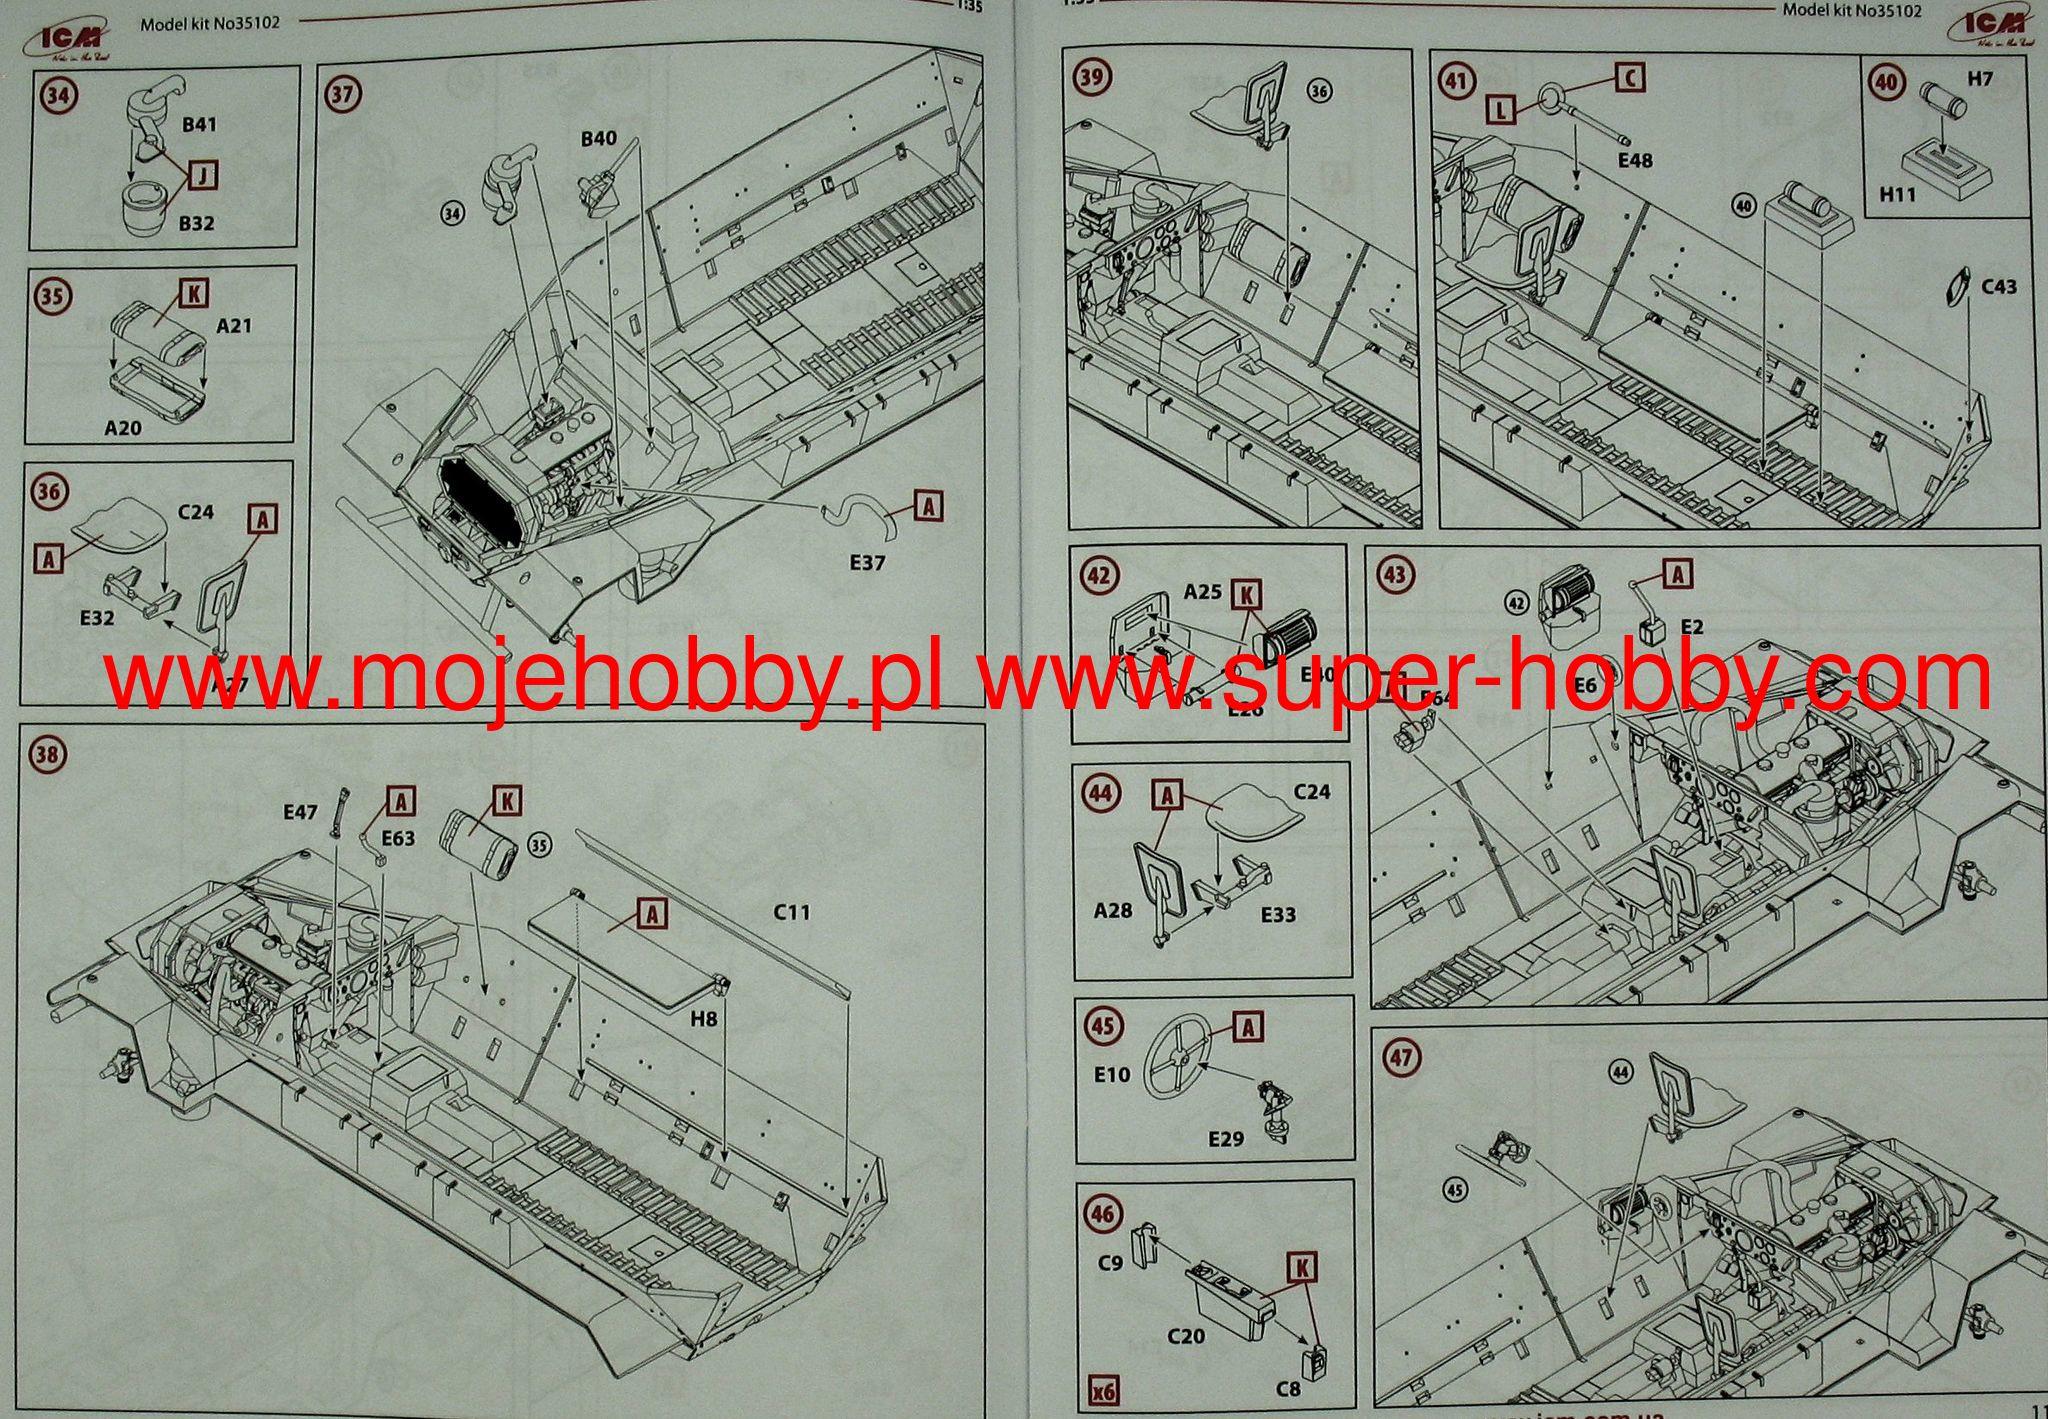 Icm 251 Wiring Diagram   Wiring Diagram Icm Timer Wiring Diagram on